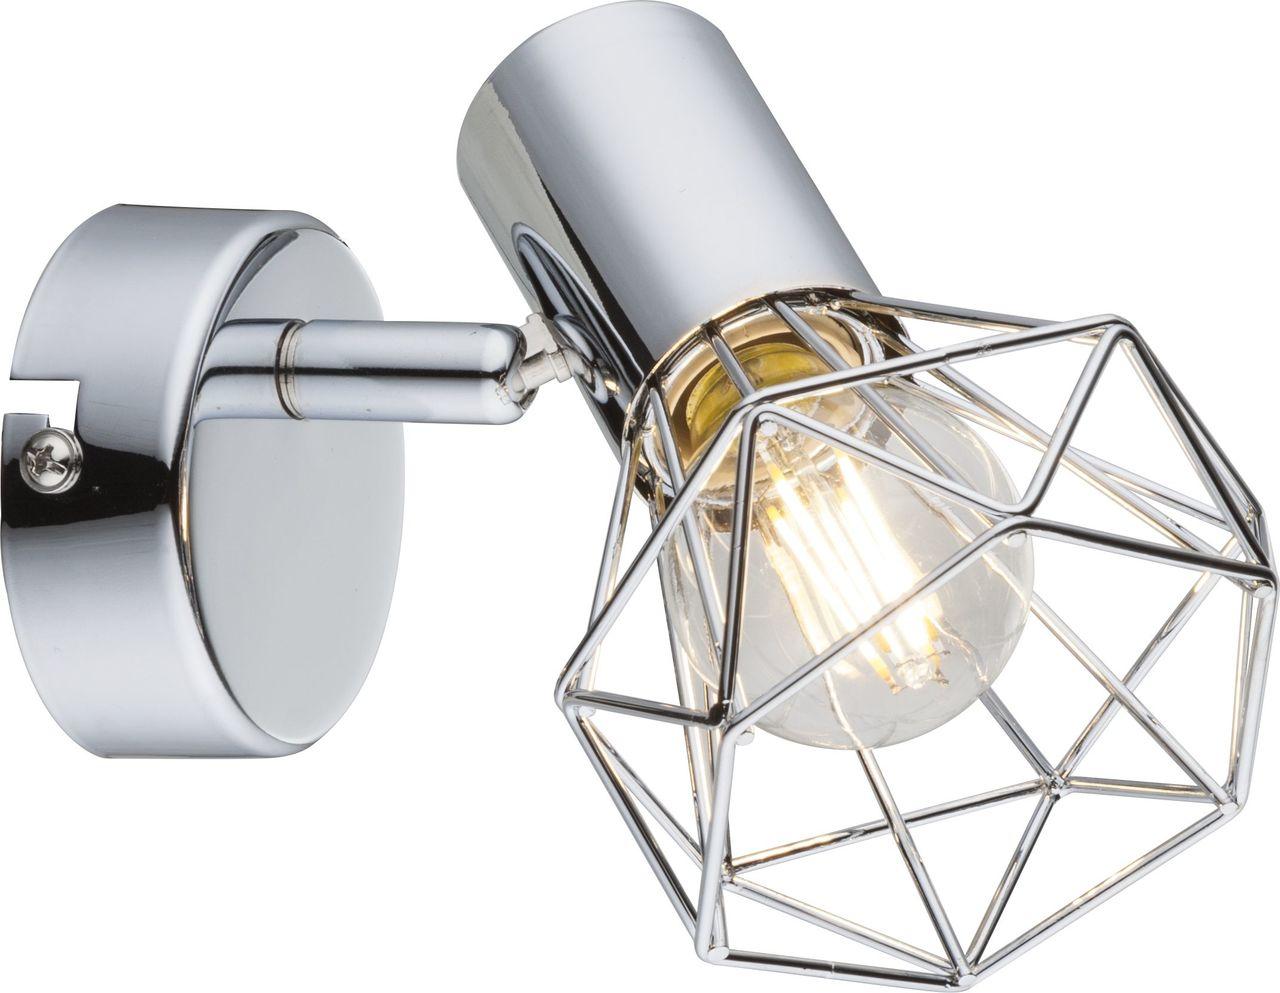 globo-wandstrahler-strahler-metallisch-54802-1